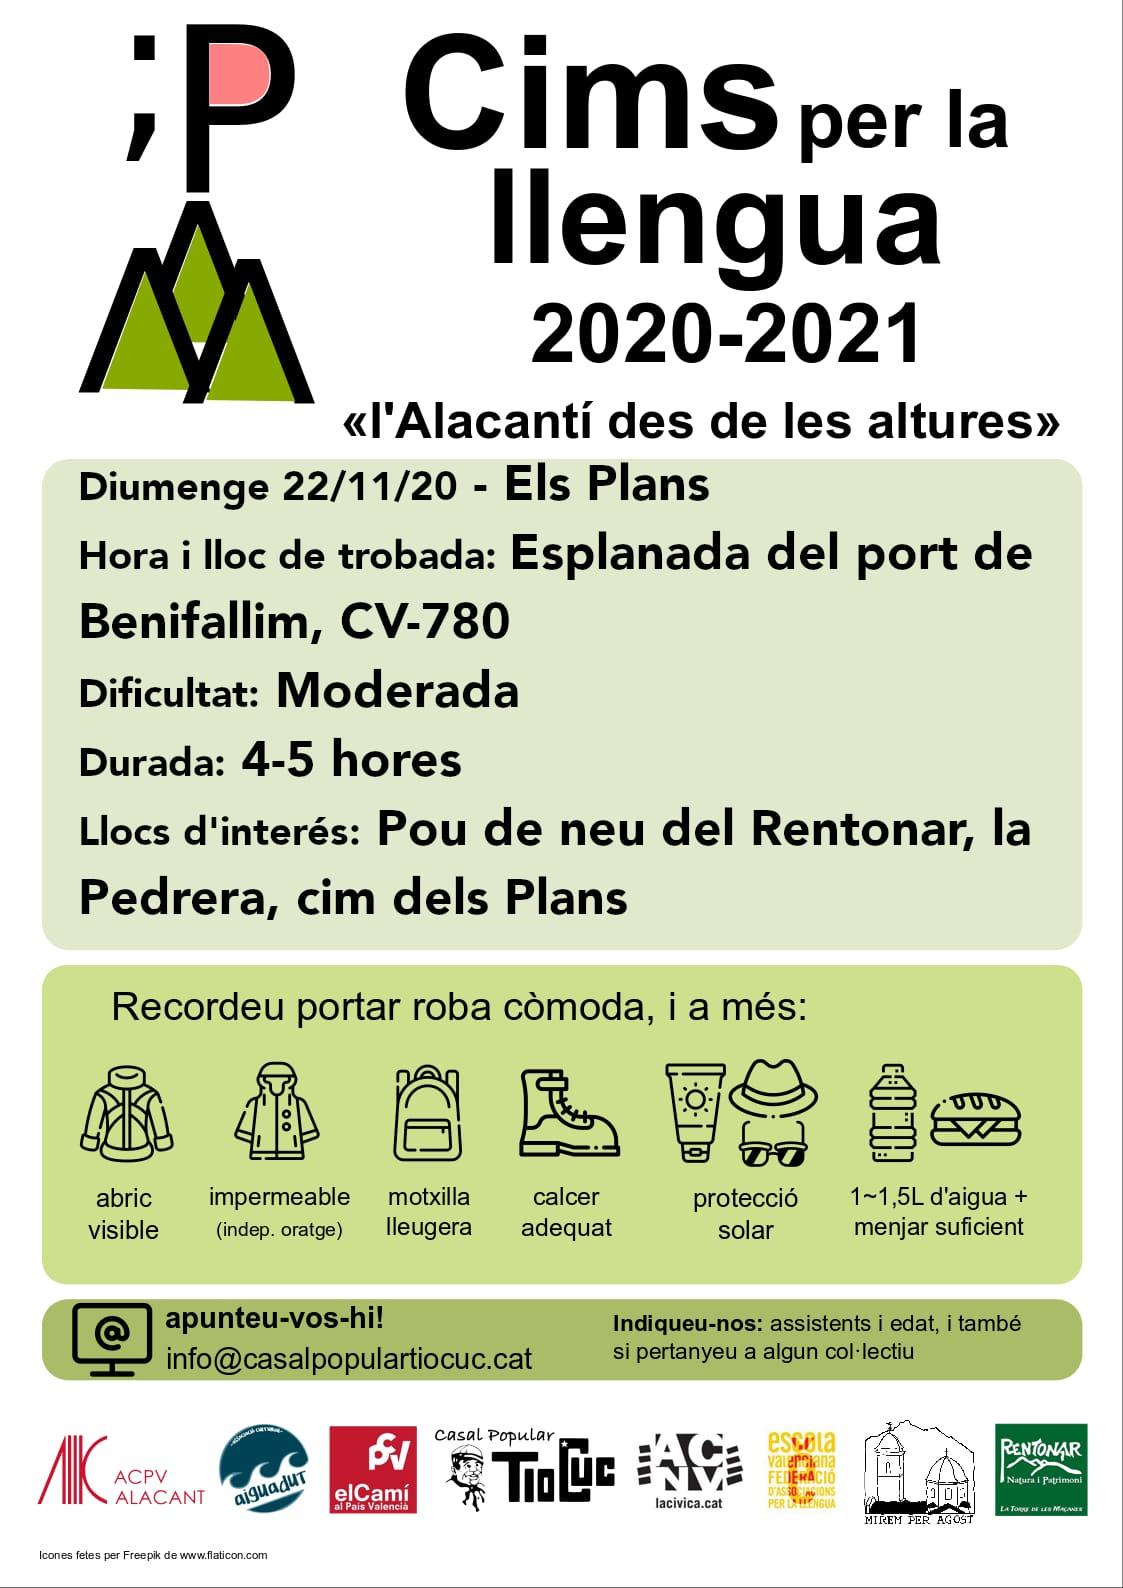 Cims per la llengua 2020-2021